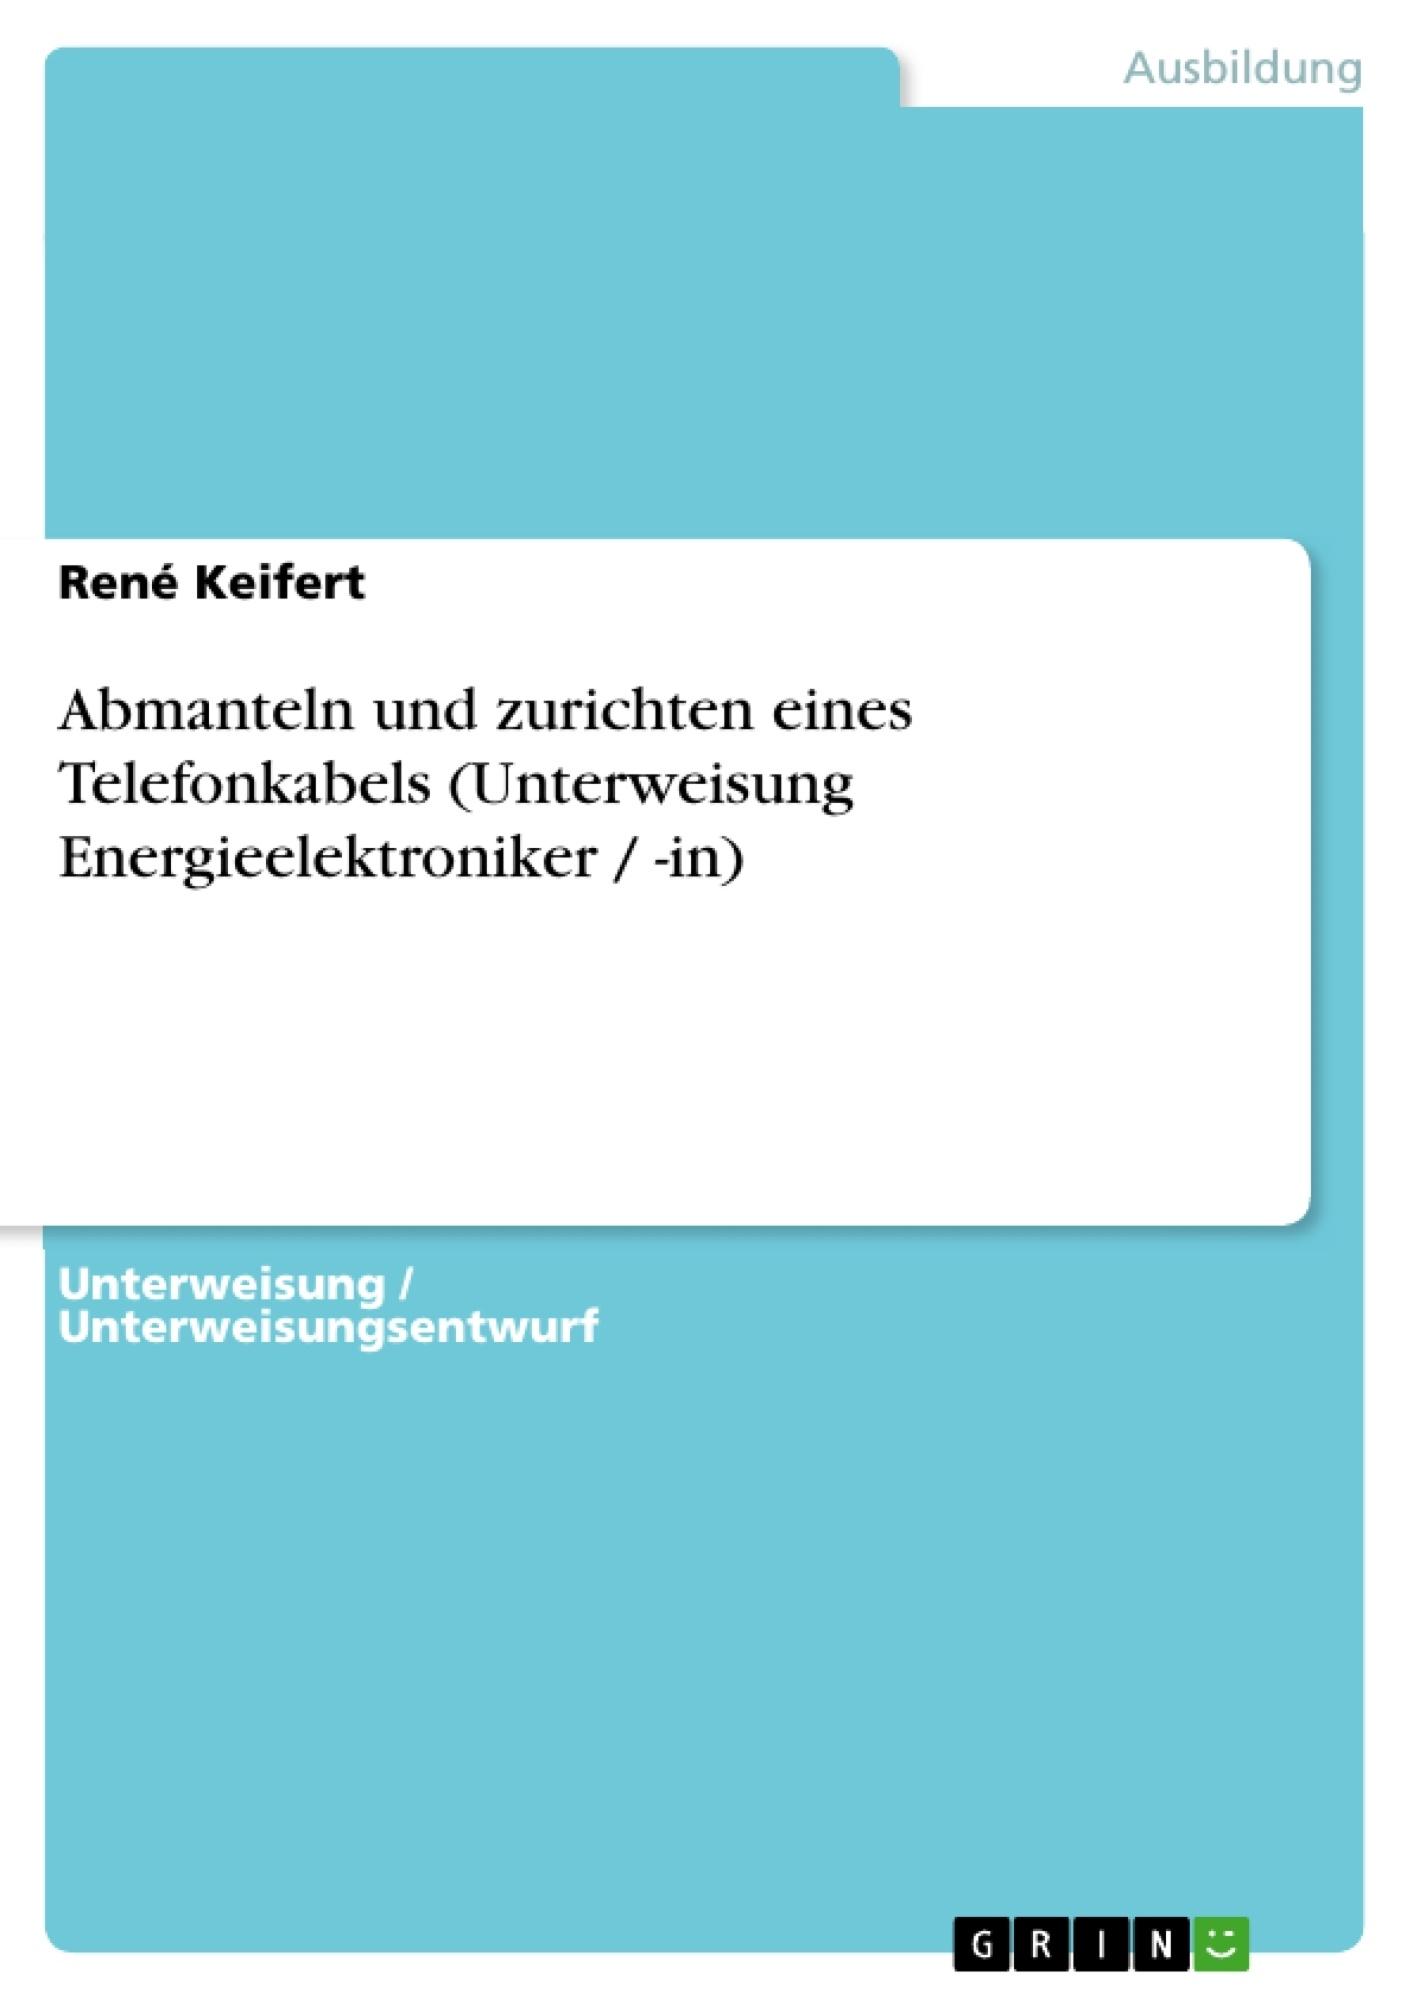 Titel: Abmanteln und zurichten eines Telefonkabels (Unterweisung Energieelektroniker / -in)